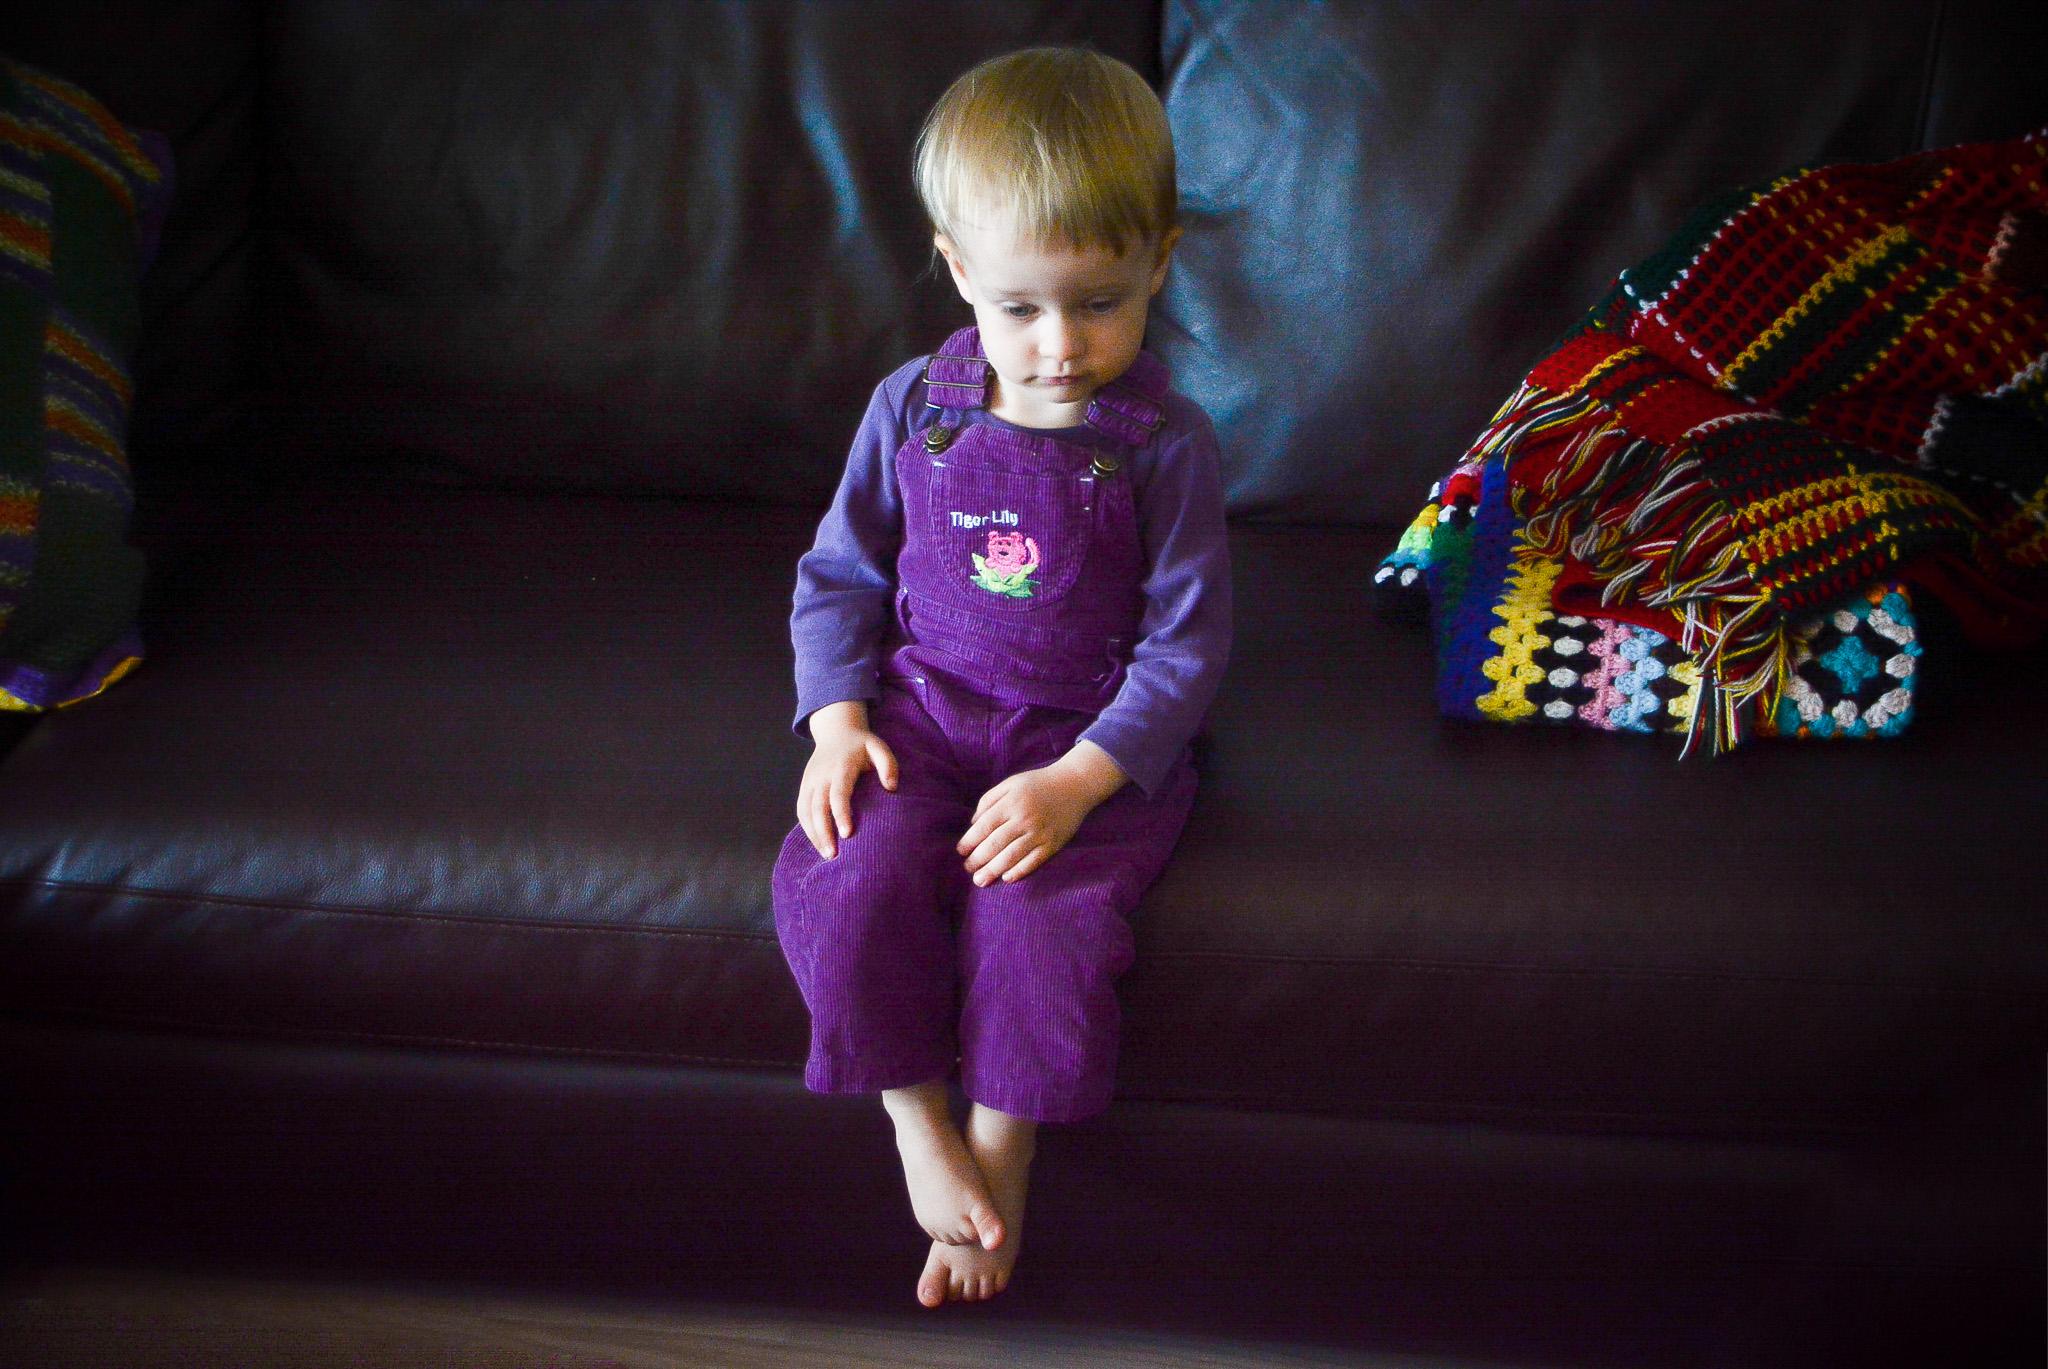 06-04-Mathilde-6_LR edited_FB.jpg